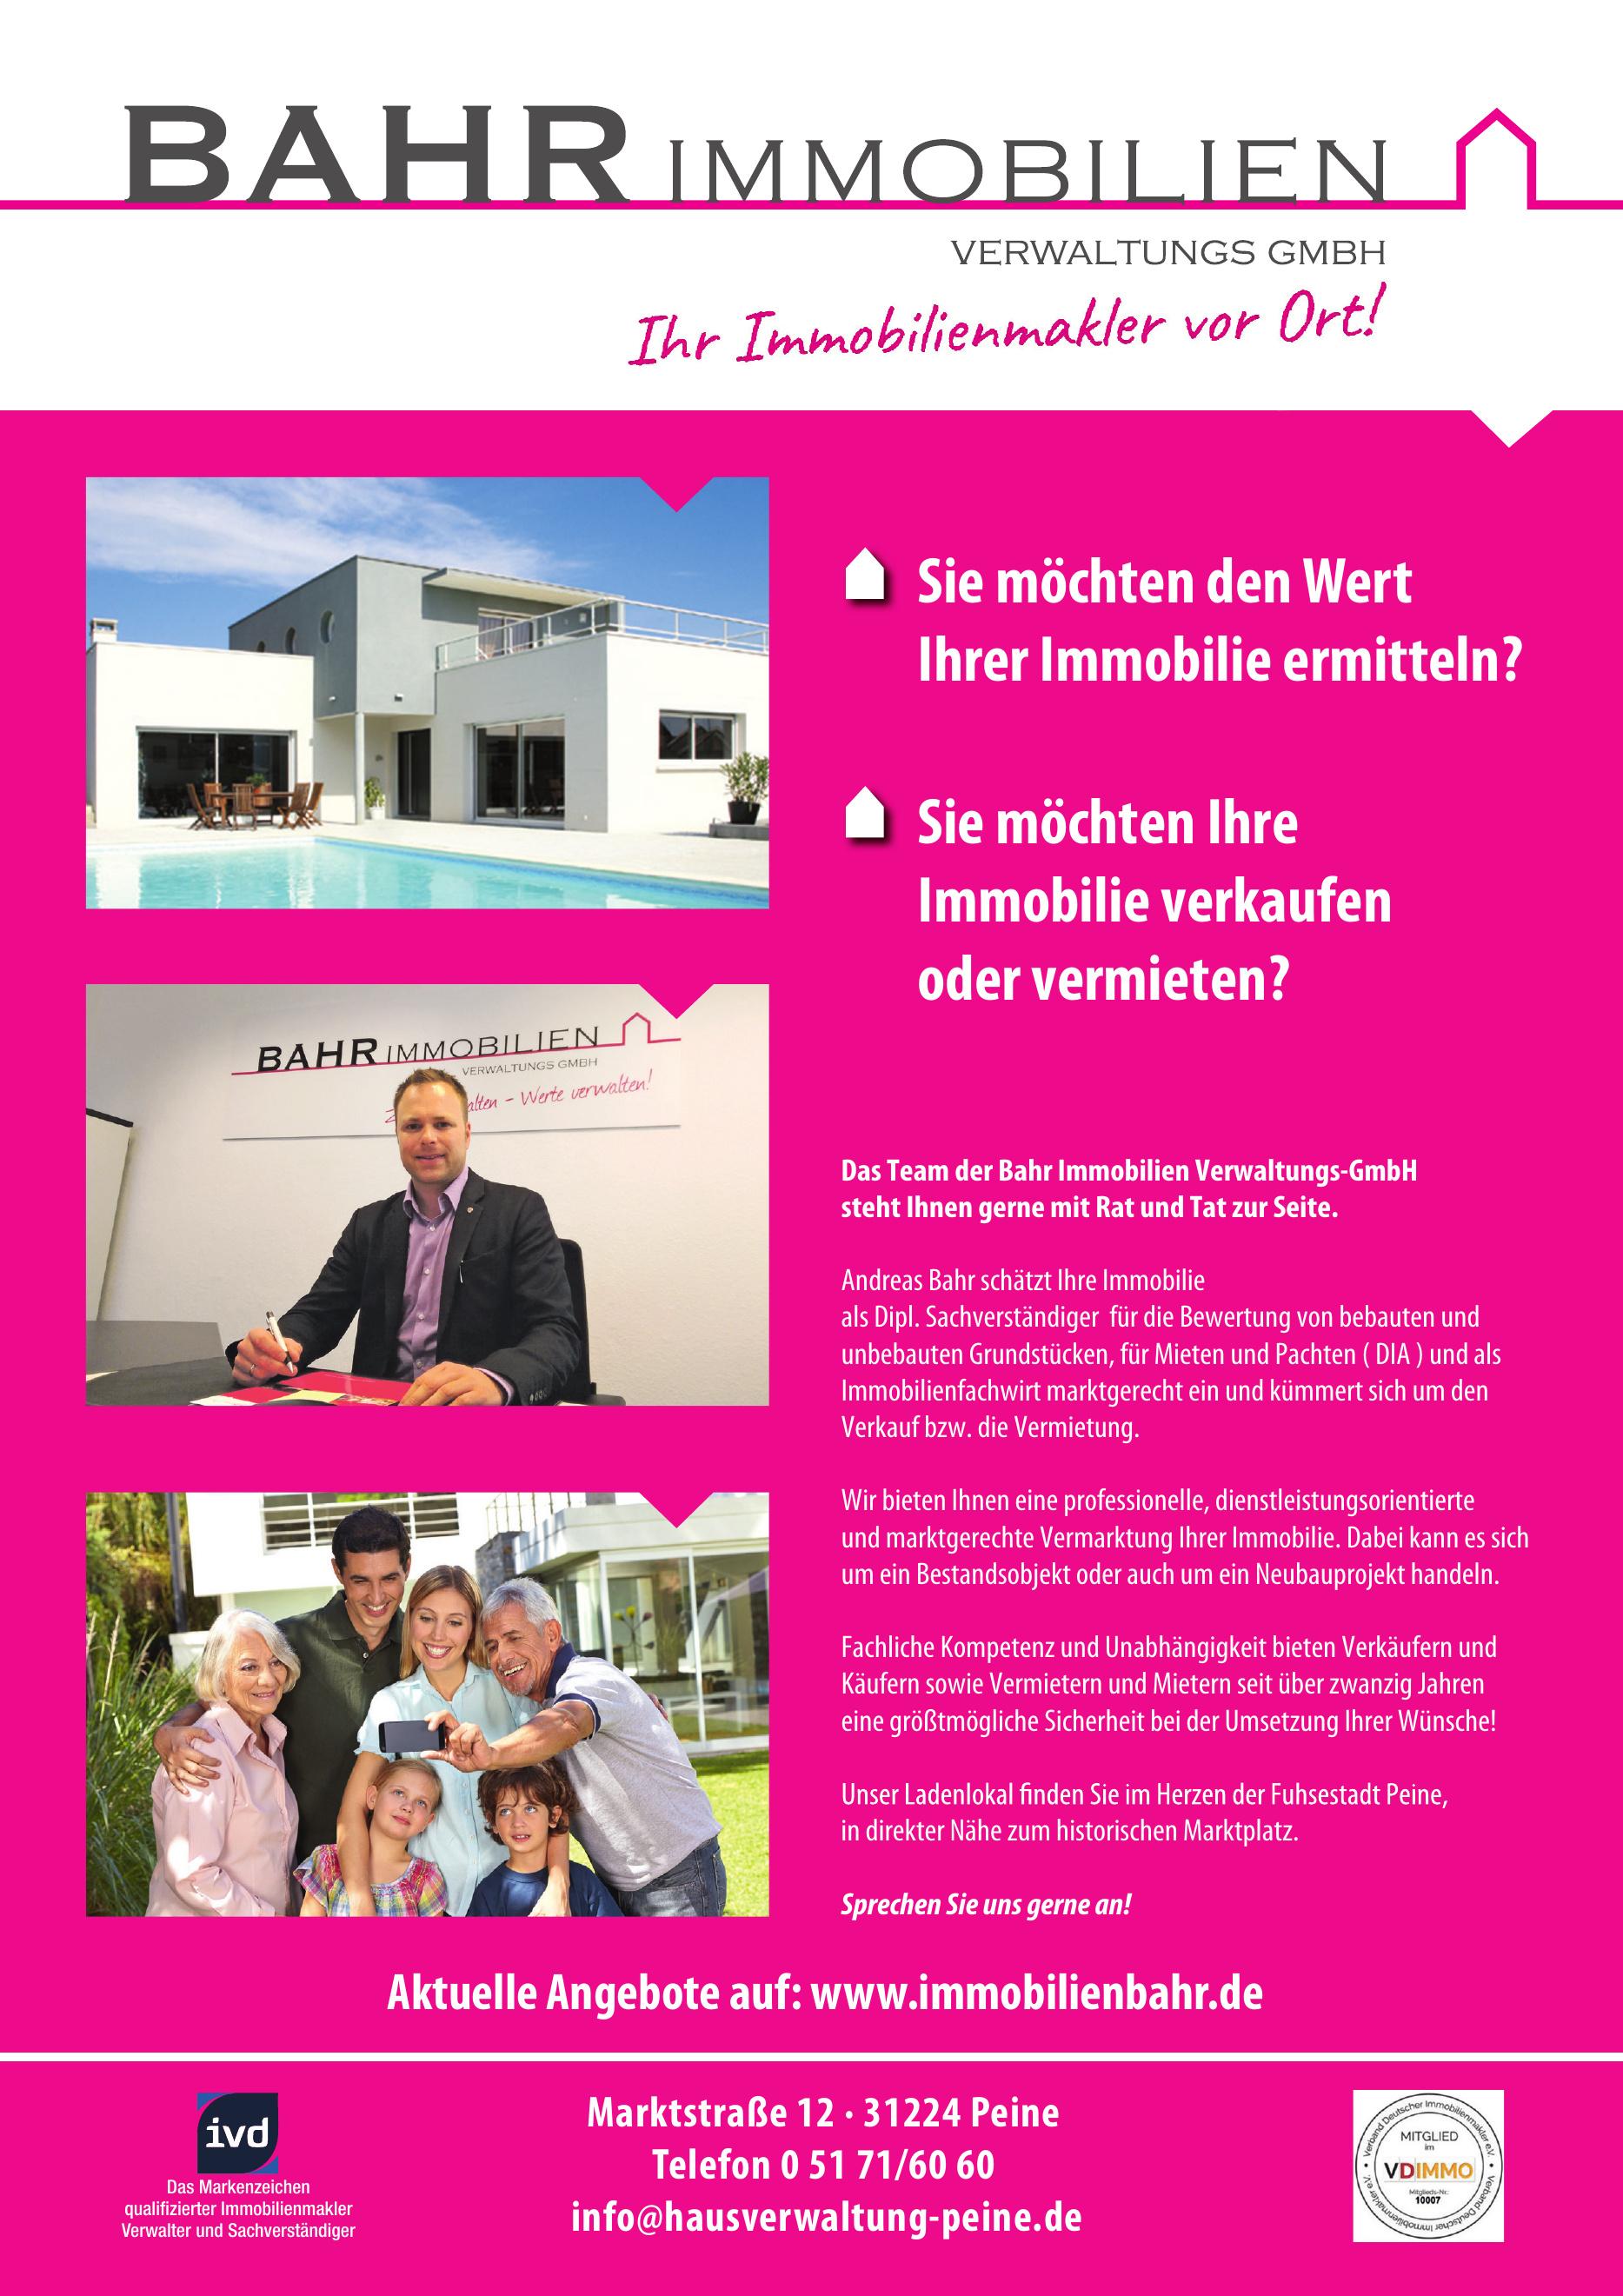 BAHR Immobilien Verwaltungs GmbH